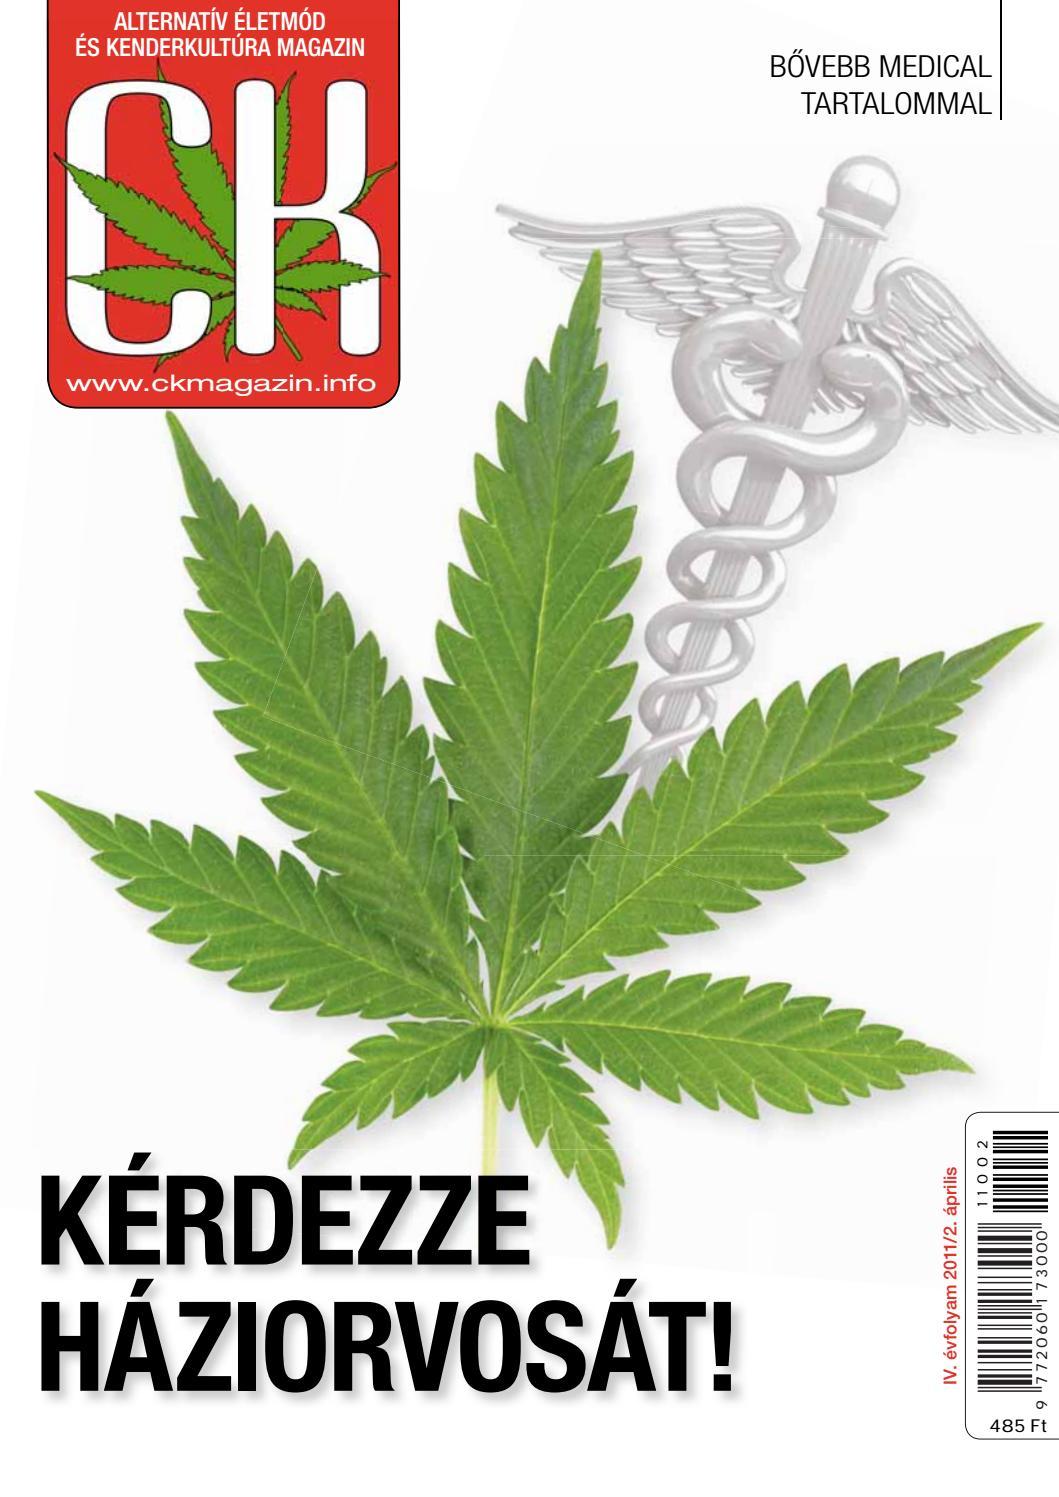 Heroin | Droginfó